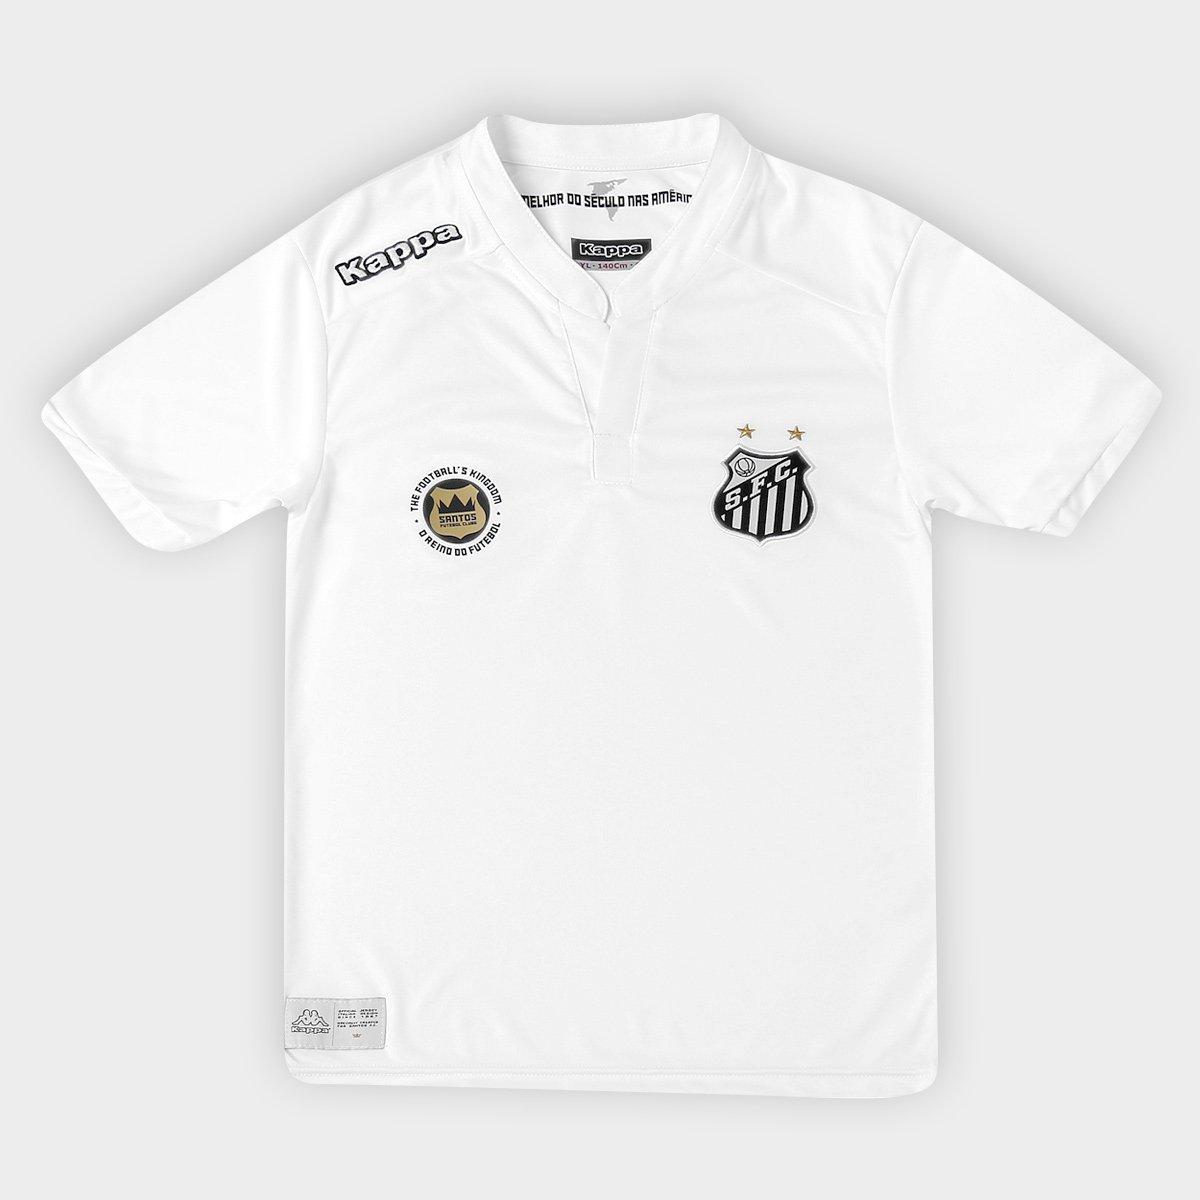 Camisa Santos Infantil I 2016 s nº Torcedor Kappa - Compre Agora ... 01be6421b31e8